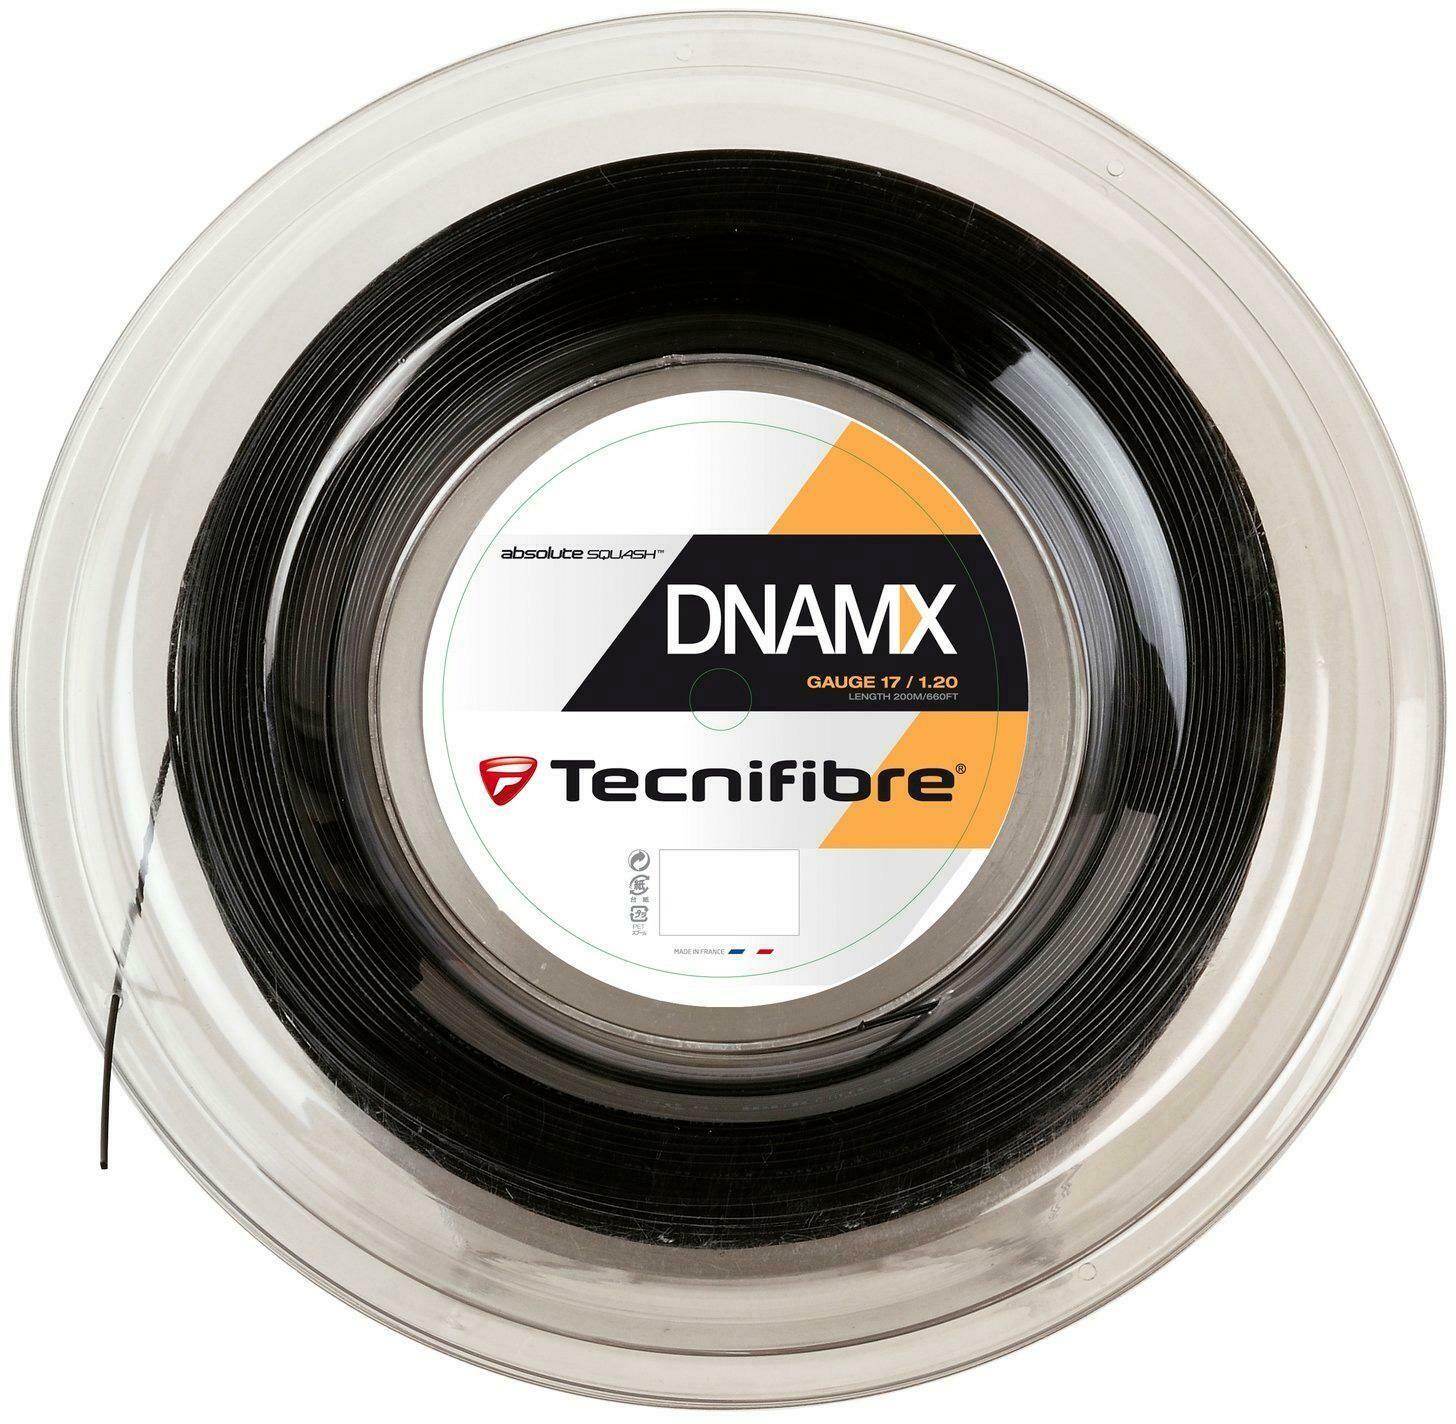 Tecnifibre DNAMX Squash String - 200m Reel